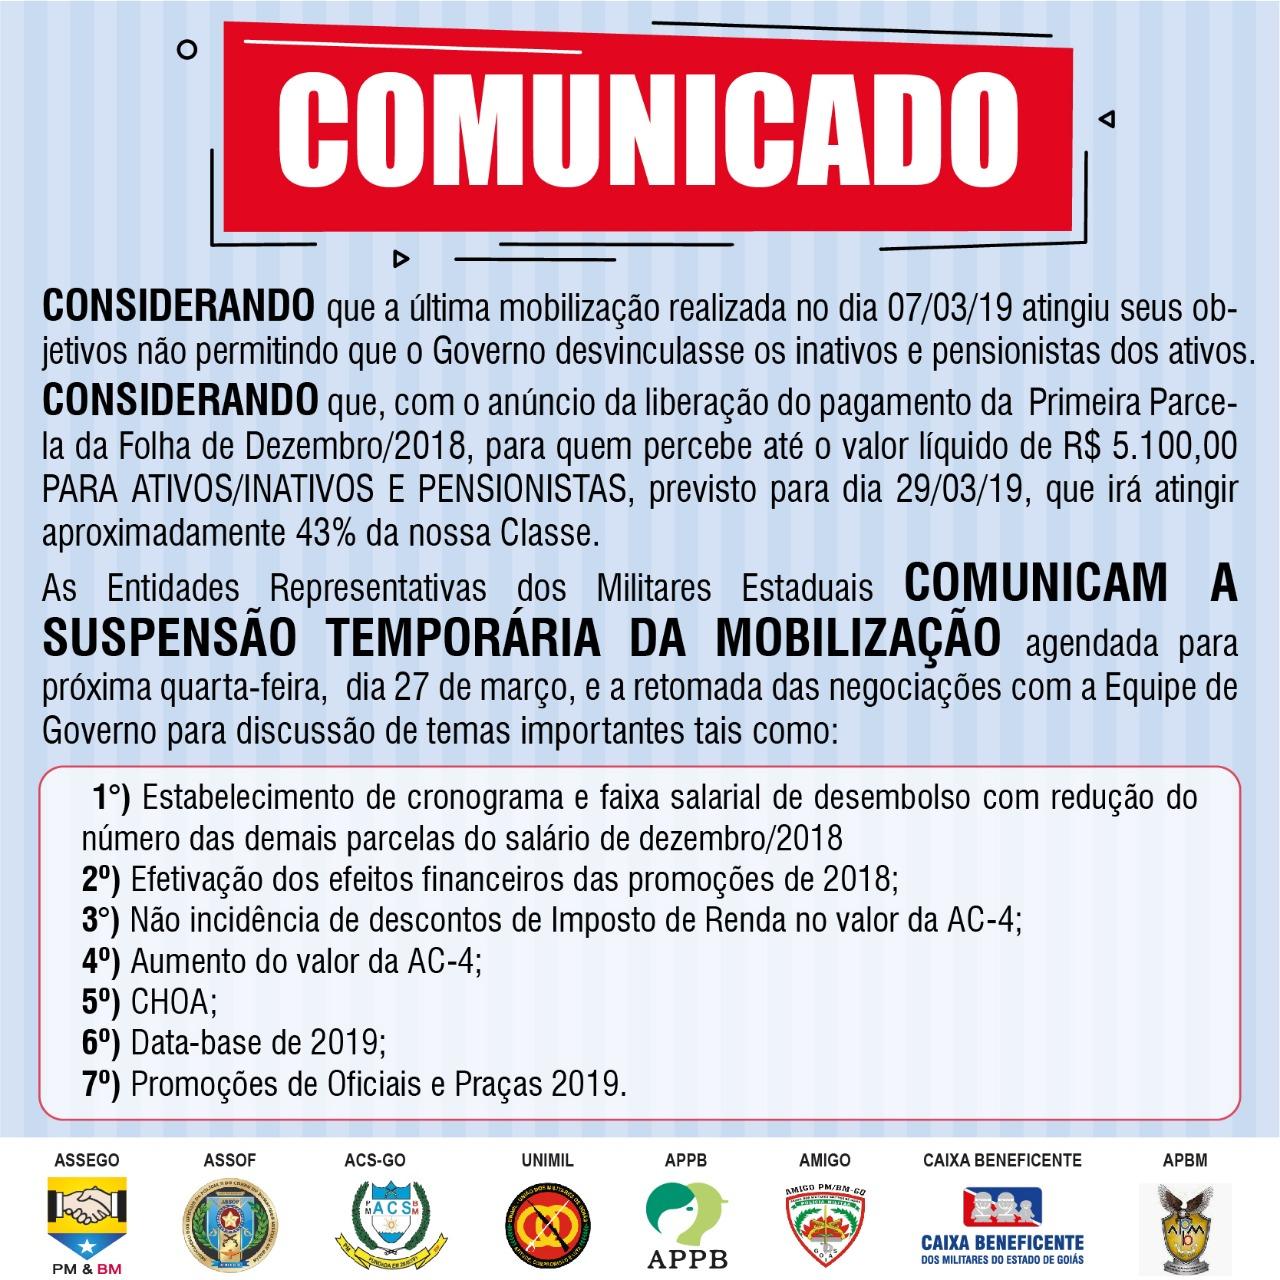 Mobilização do dia 27 de março é suspensa temporariamente